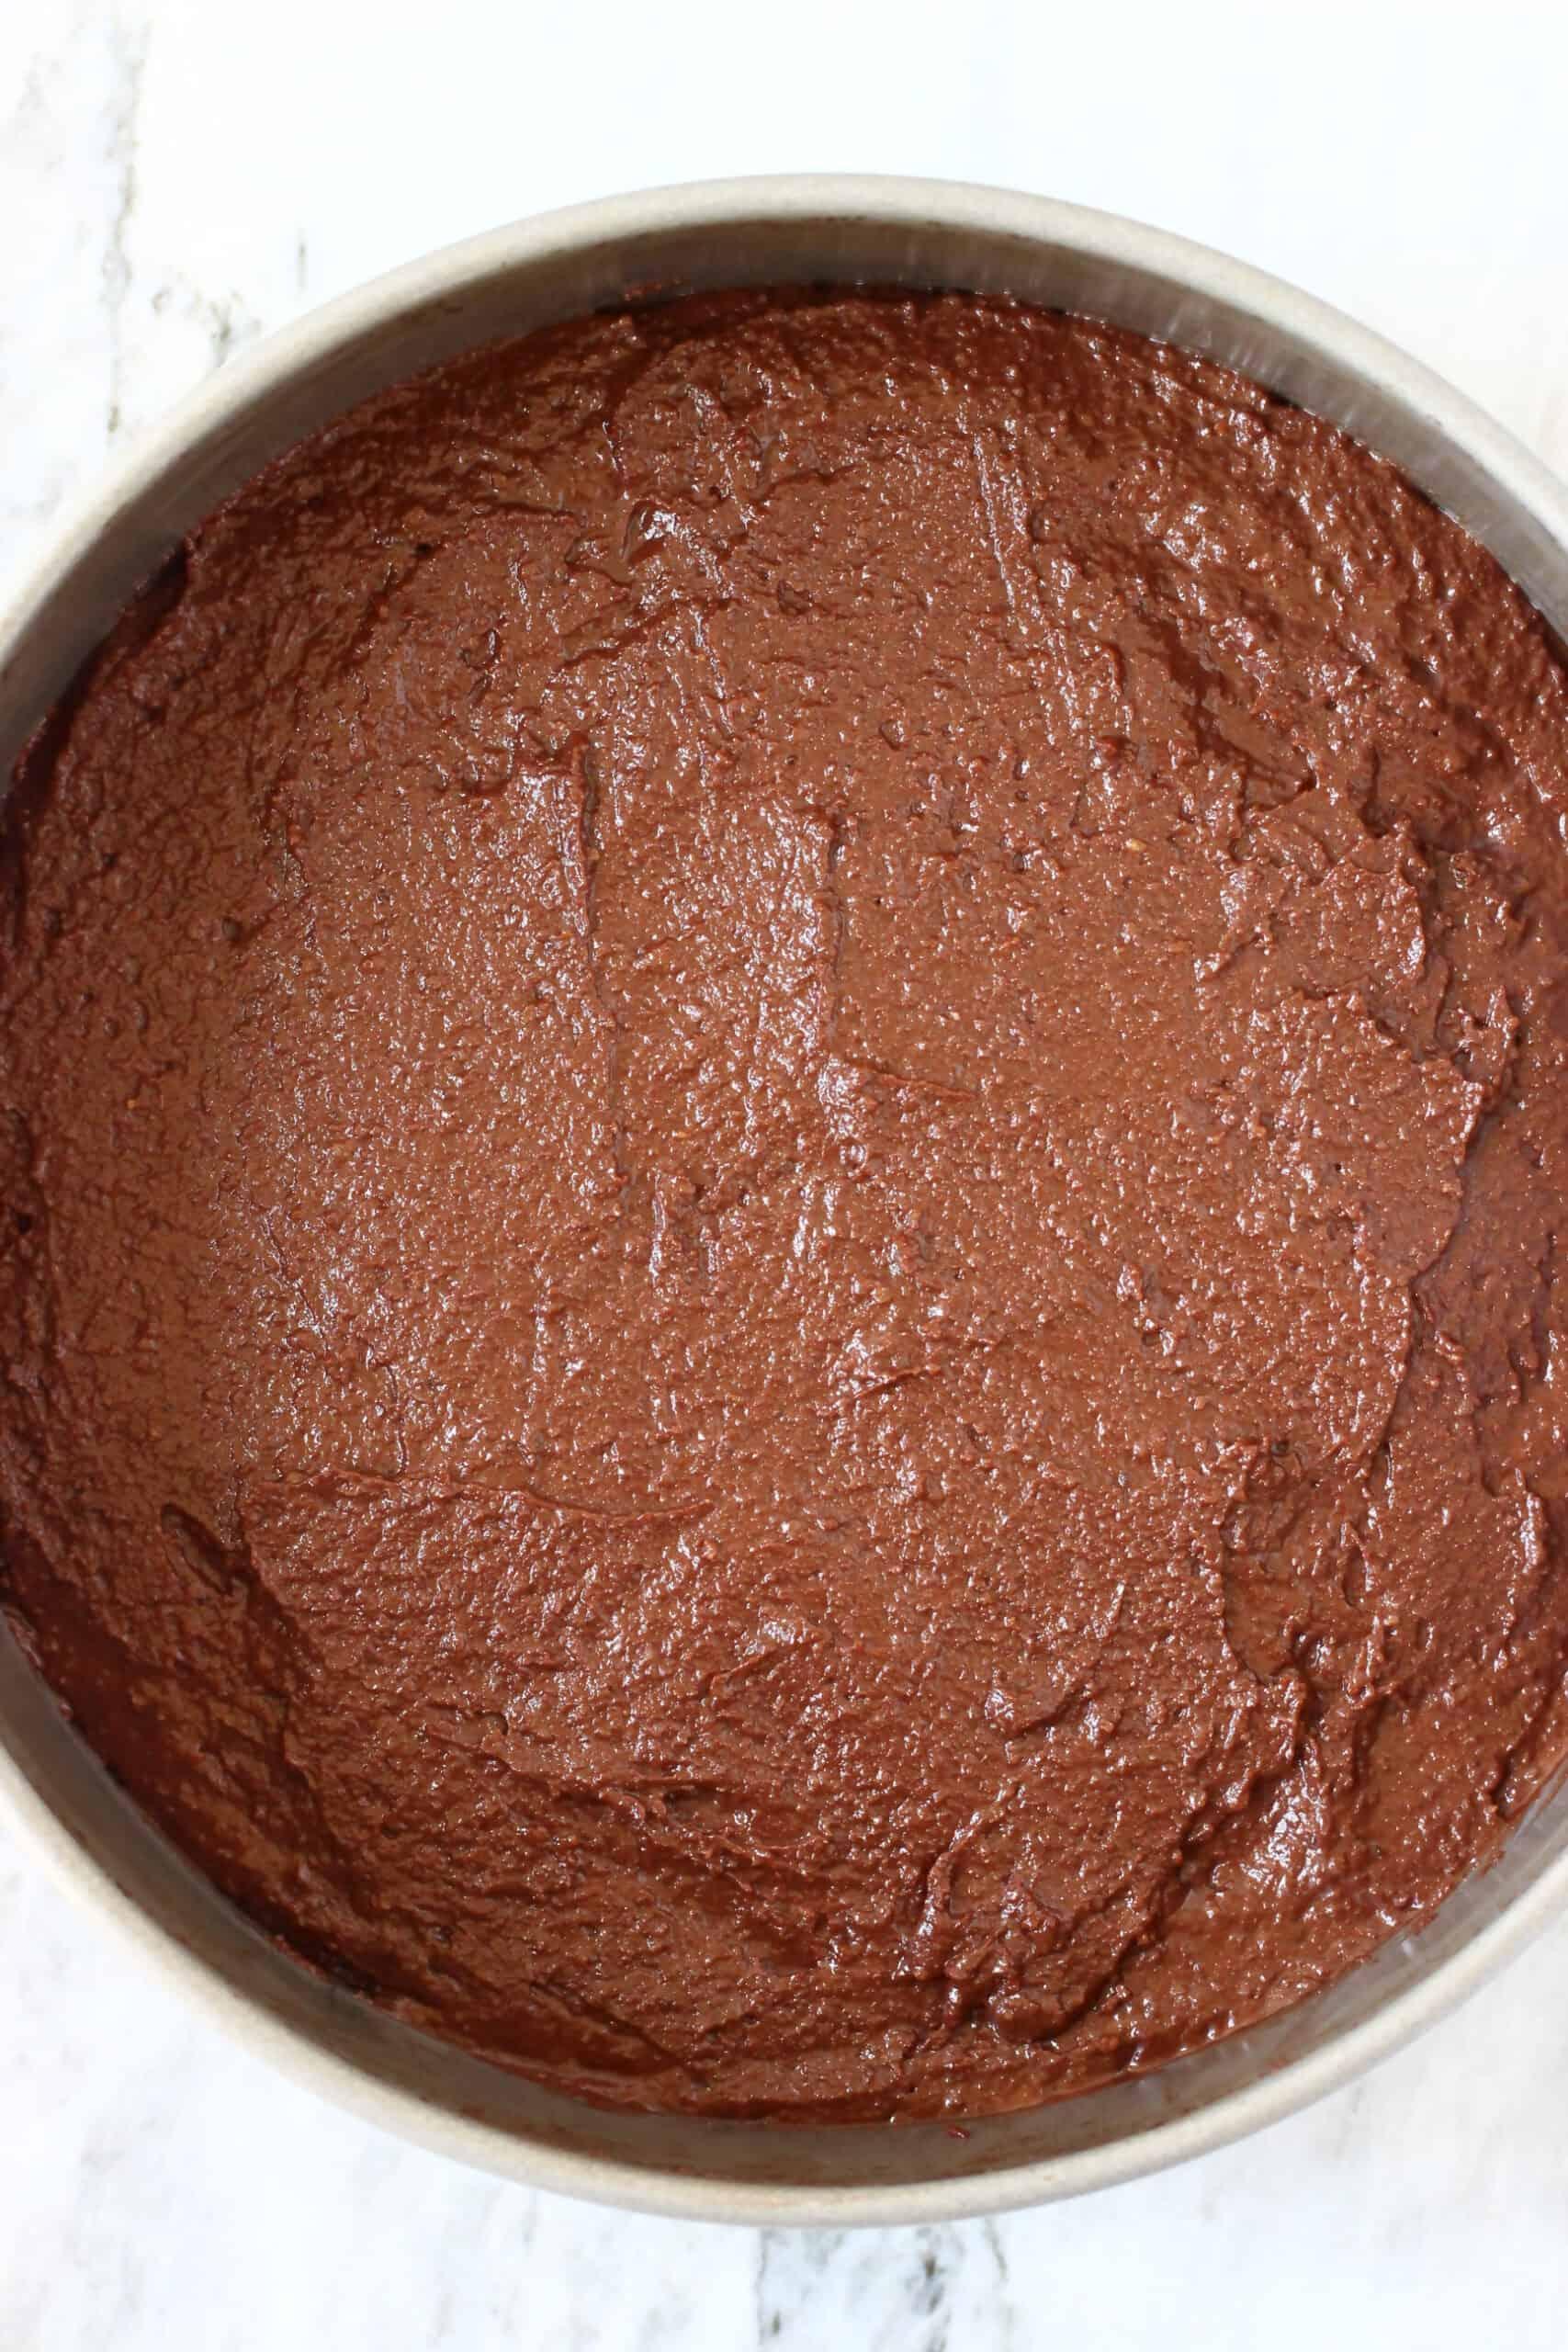 Raw gluten-free vegan chocolate mousse cake batter in a springform baking tin